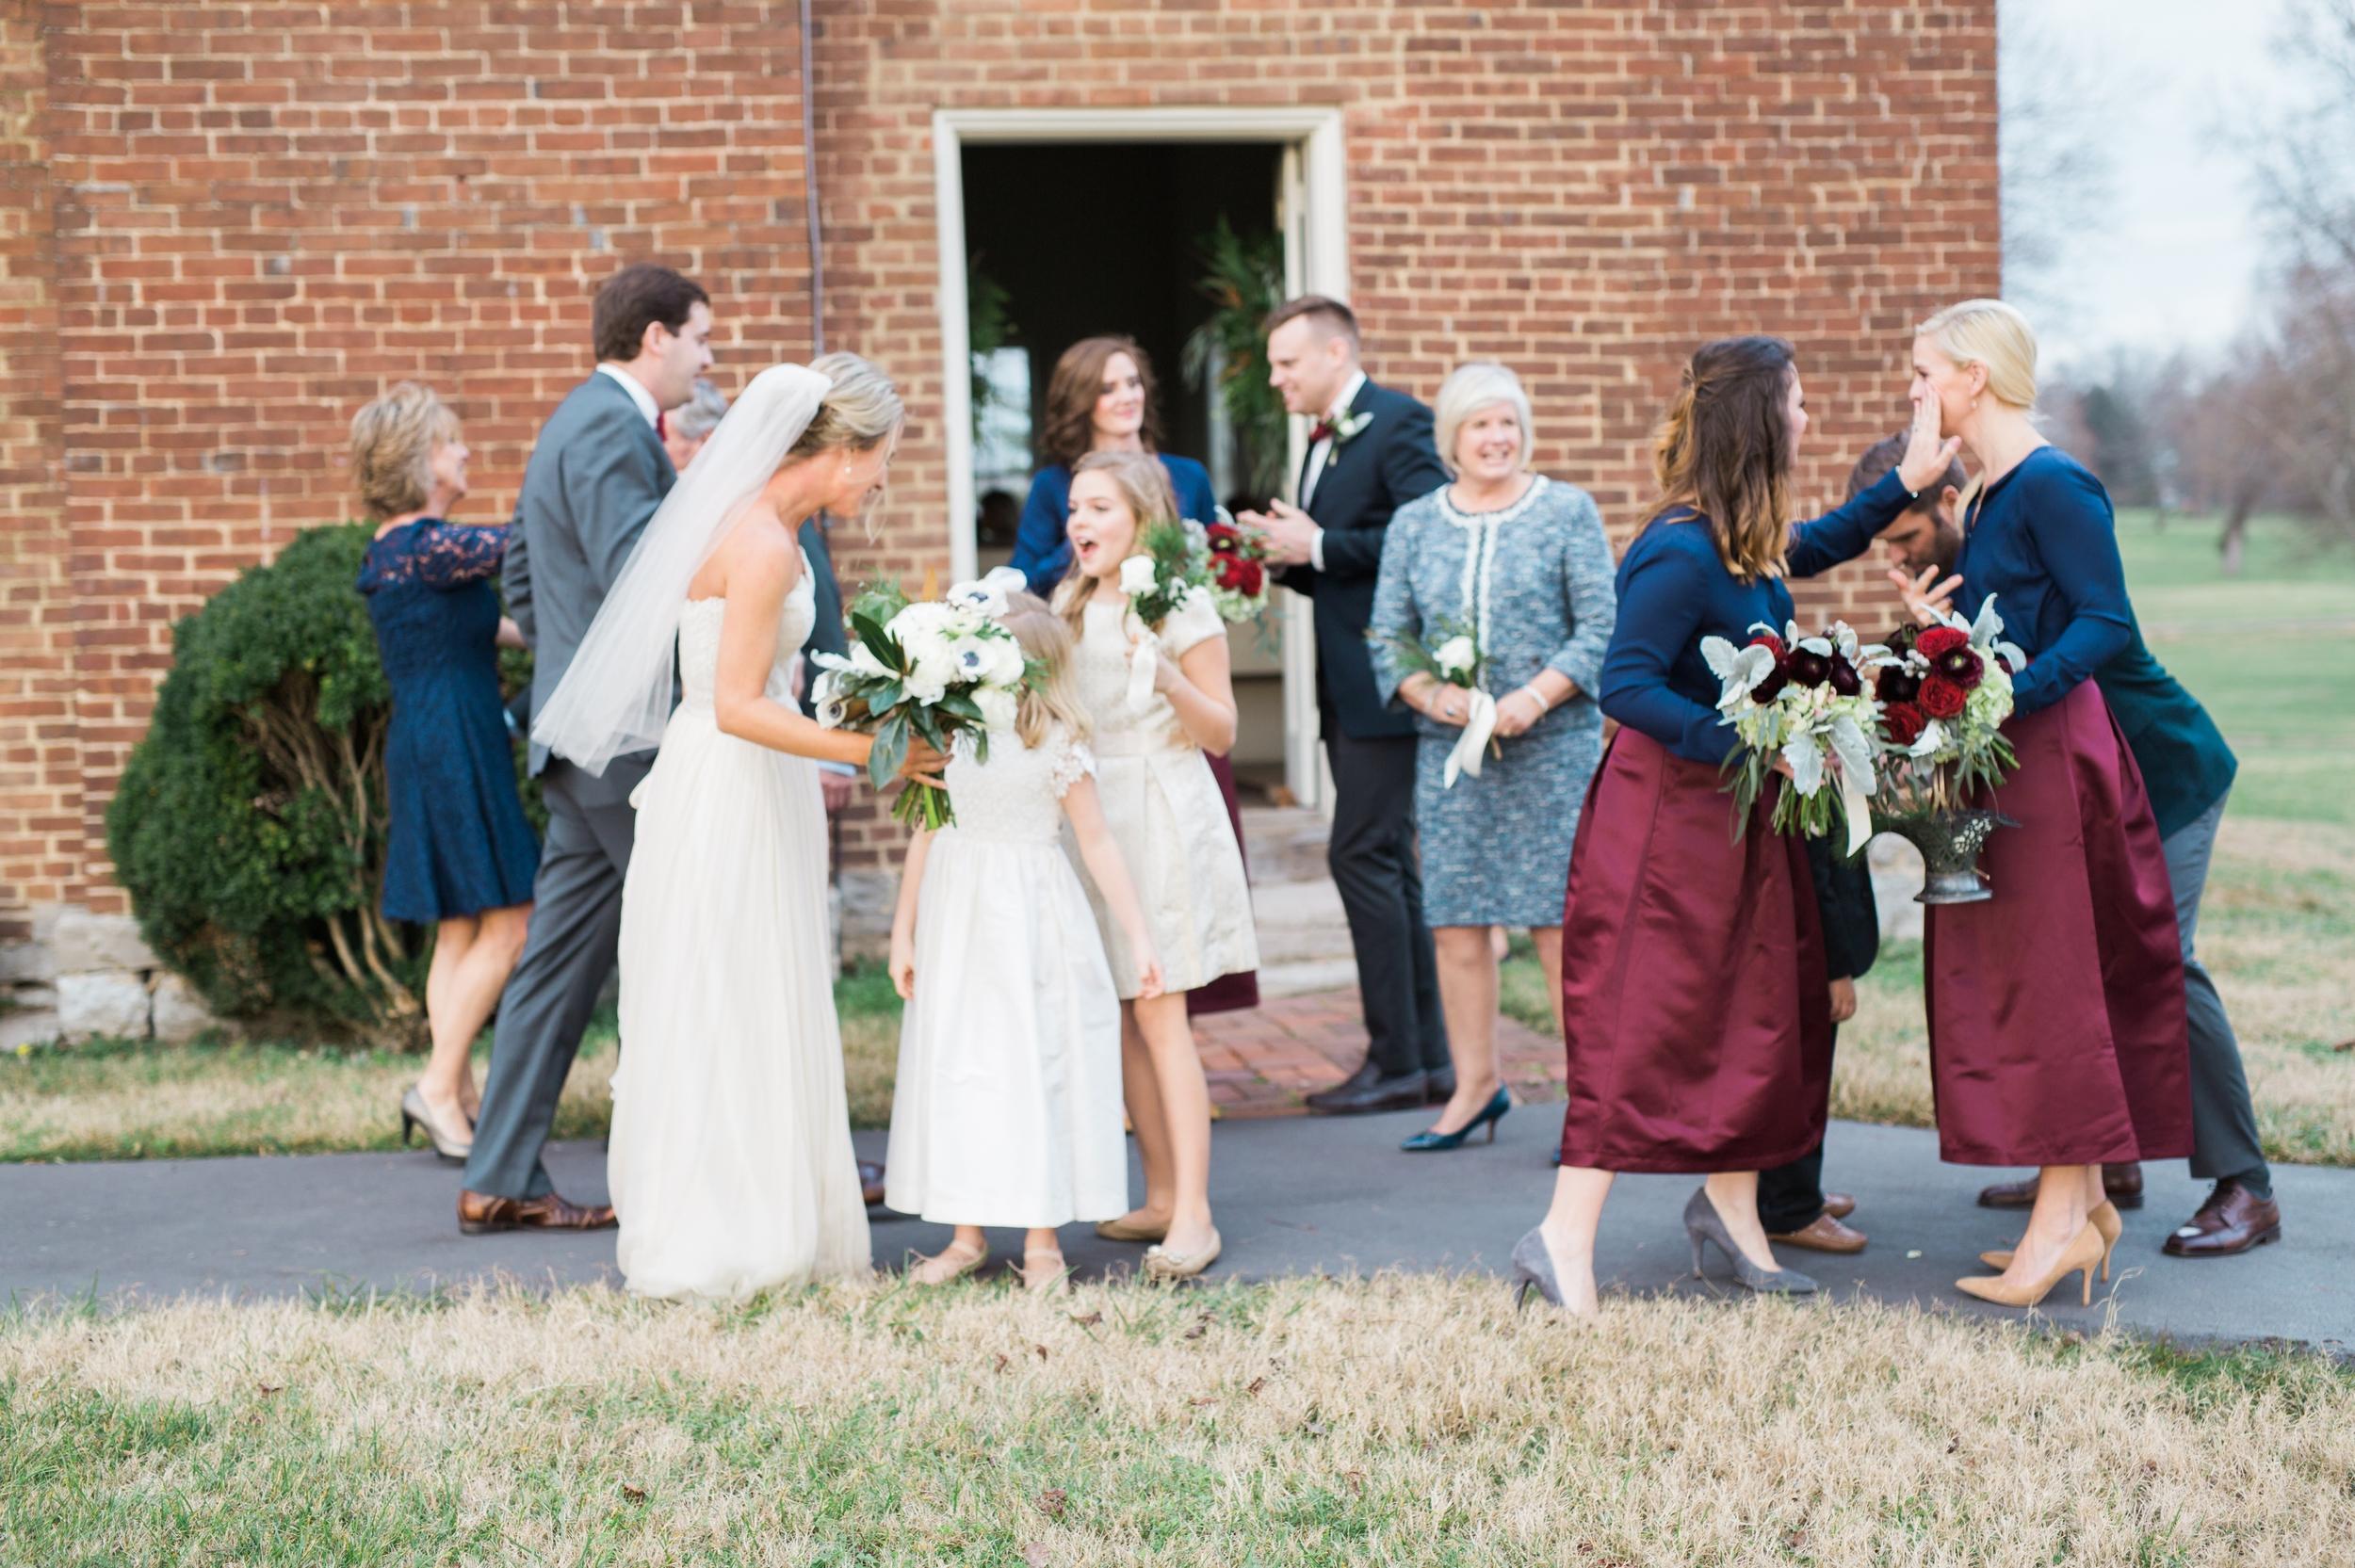 Carter and Molly Blanton - Wedding 29.jpg